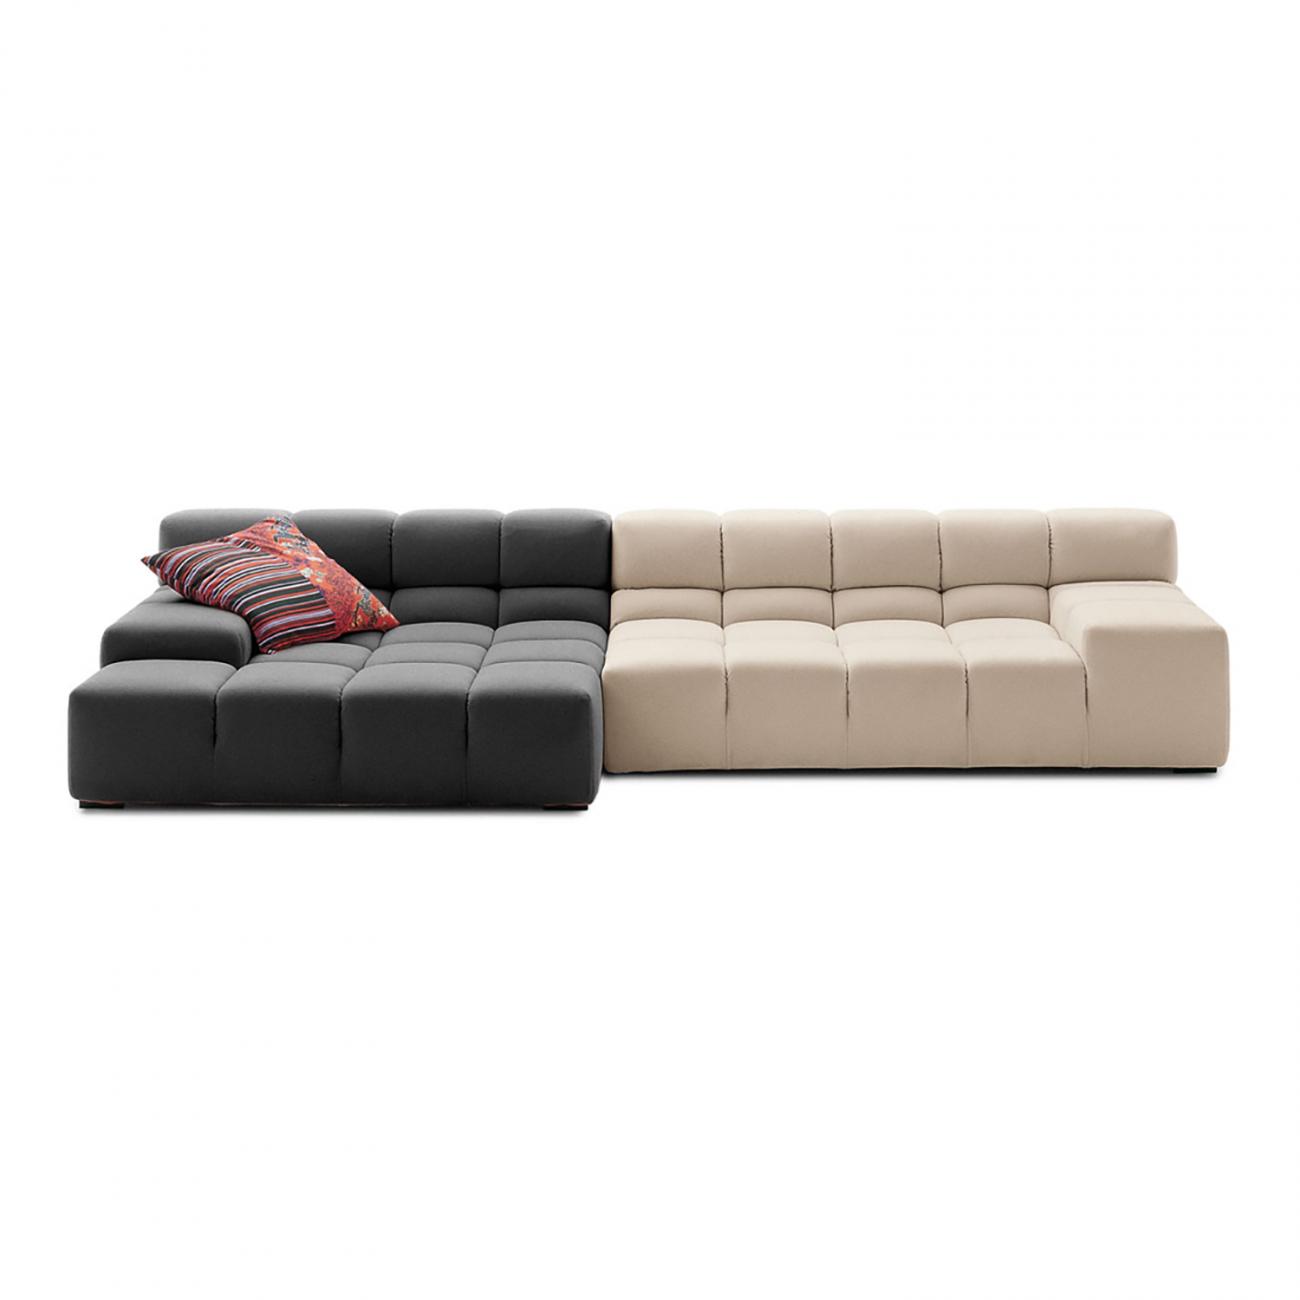 Купить Диван Tufty-Time Sofa Серо-кремовая Шерсть в интернет магазине дизайнерской мебели и аксессуаров для дома и дачи